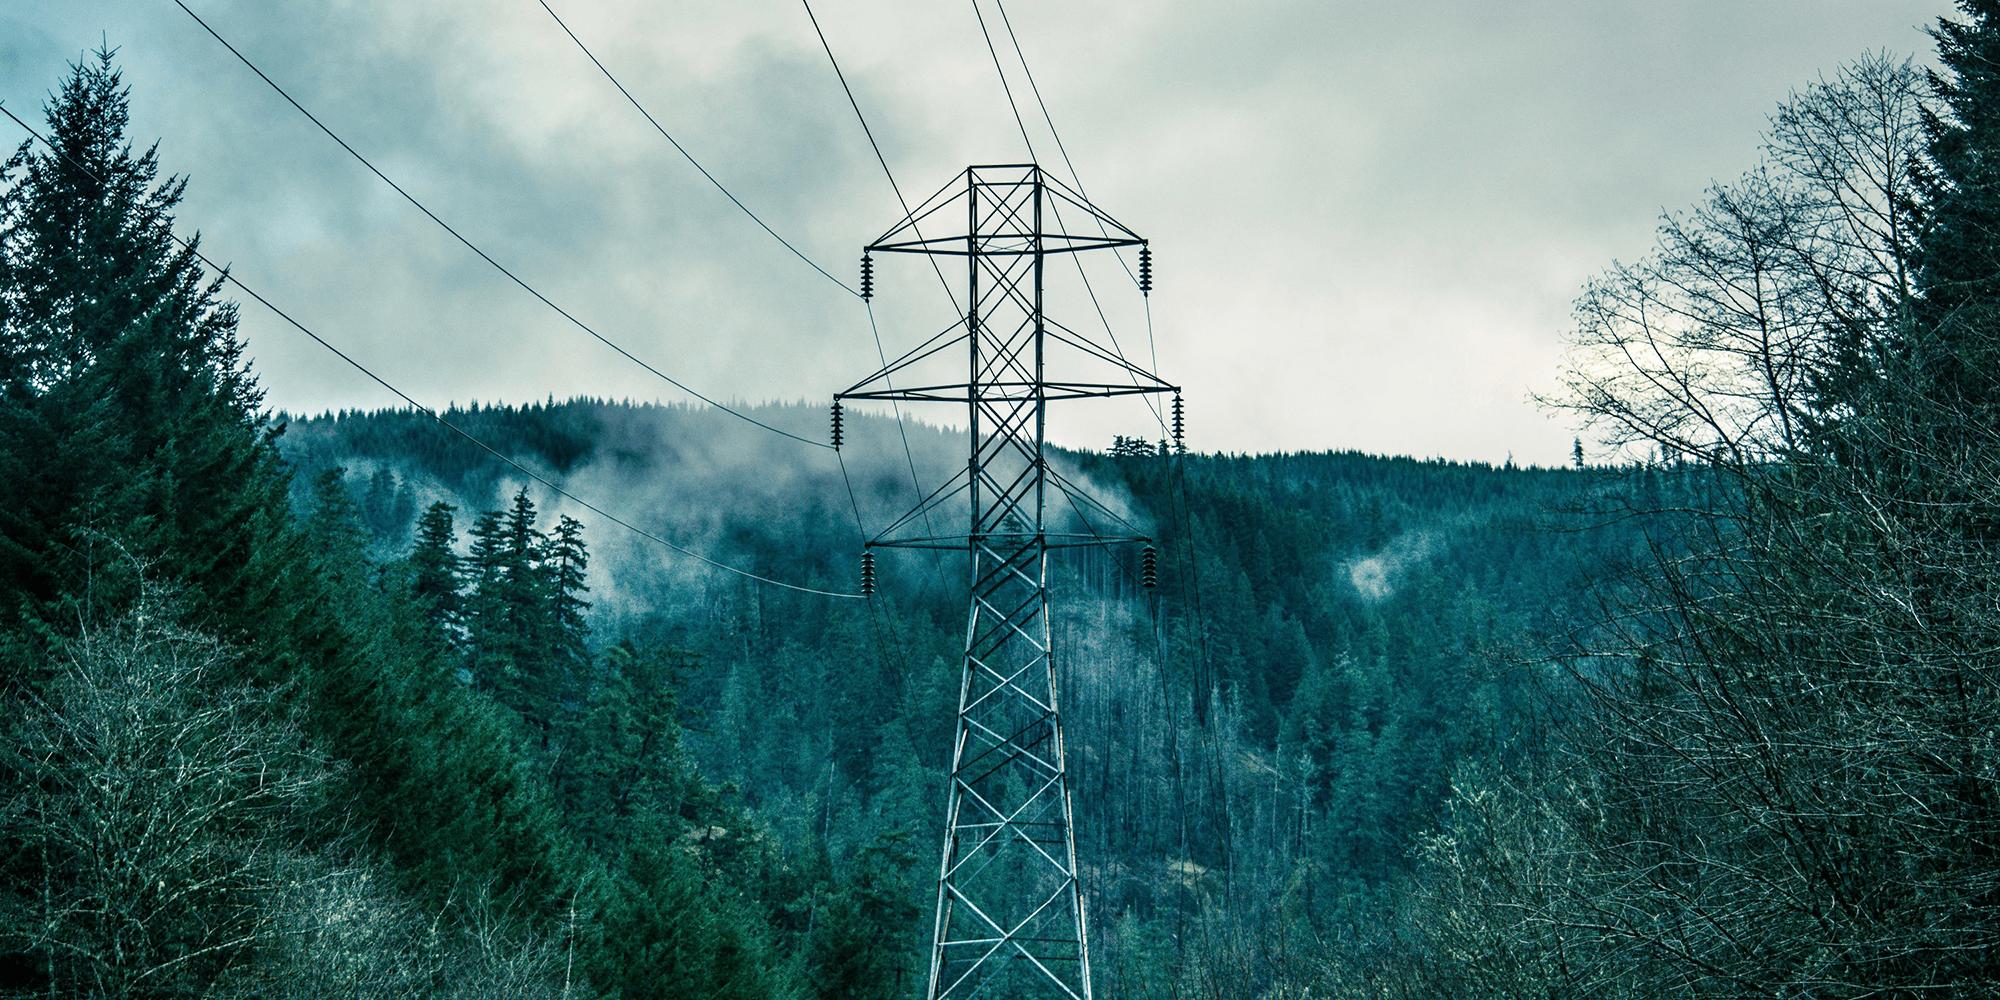 Bilde av strømmaster i norsk skogslandskap